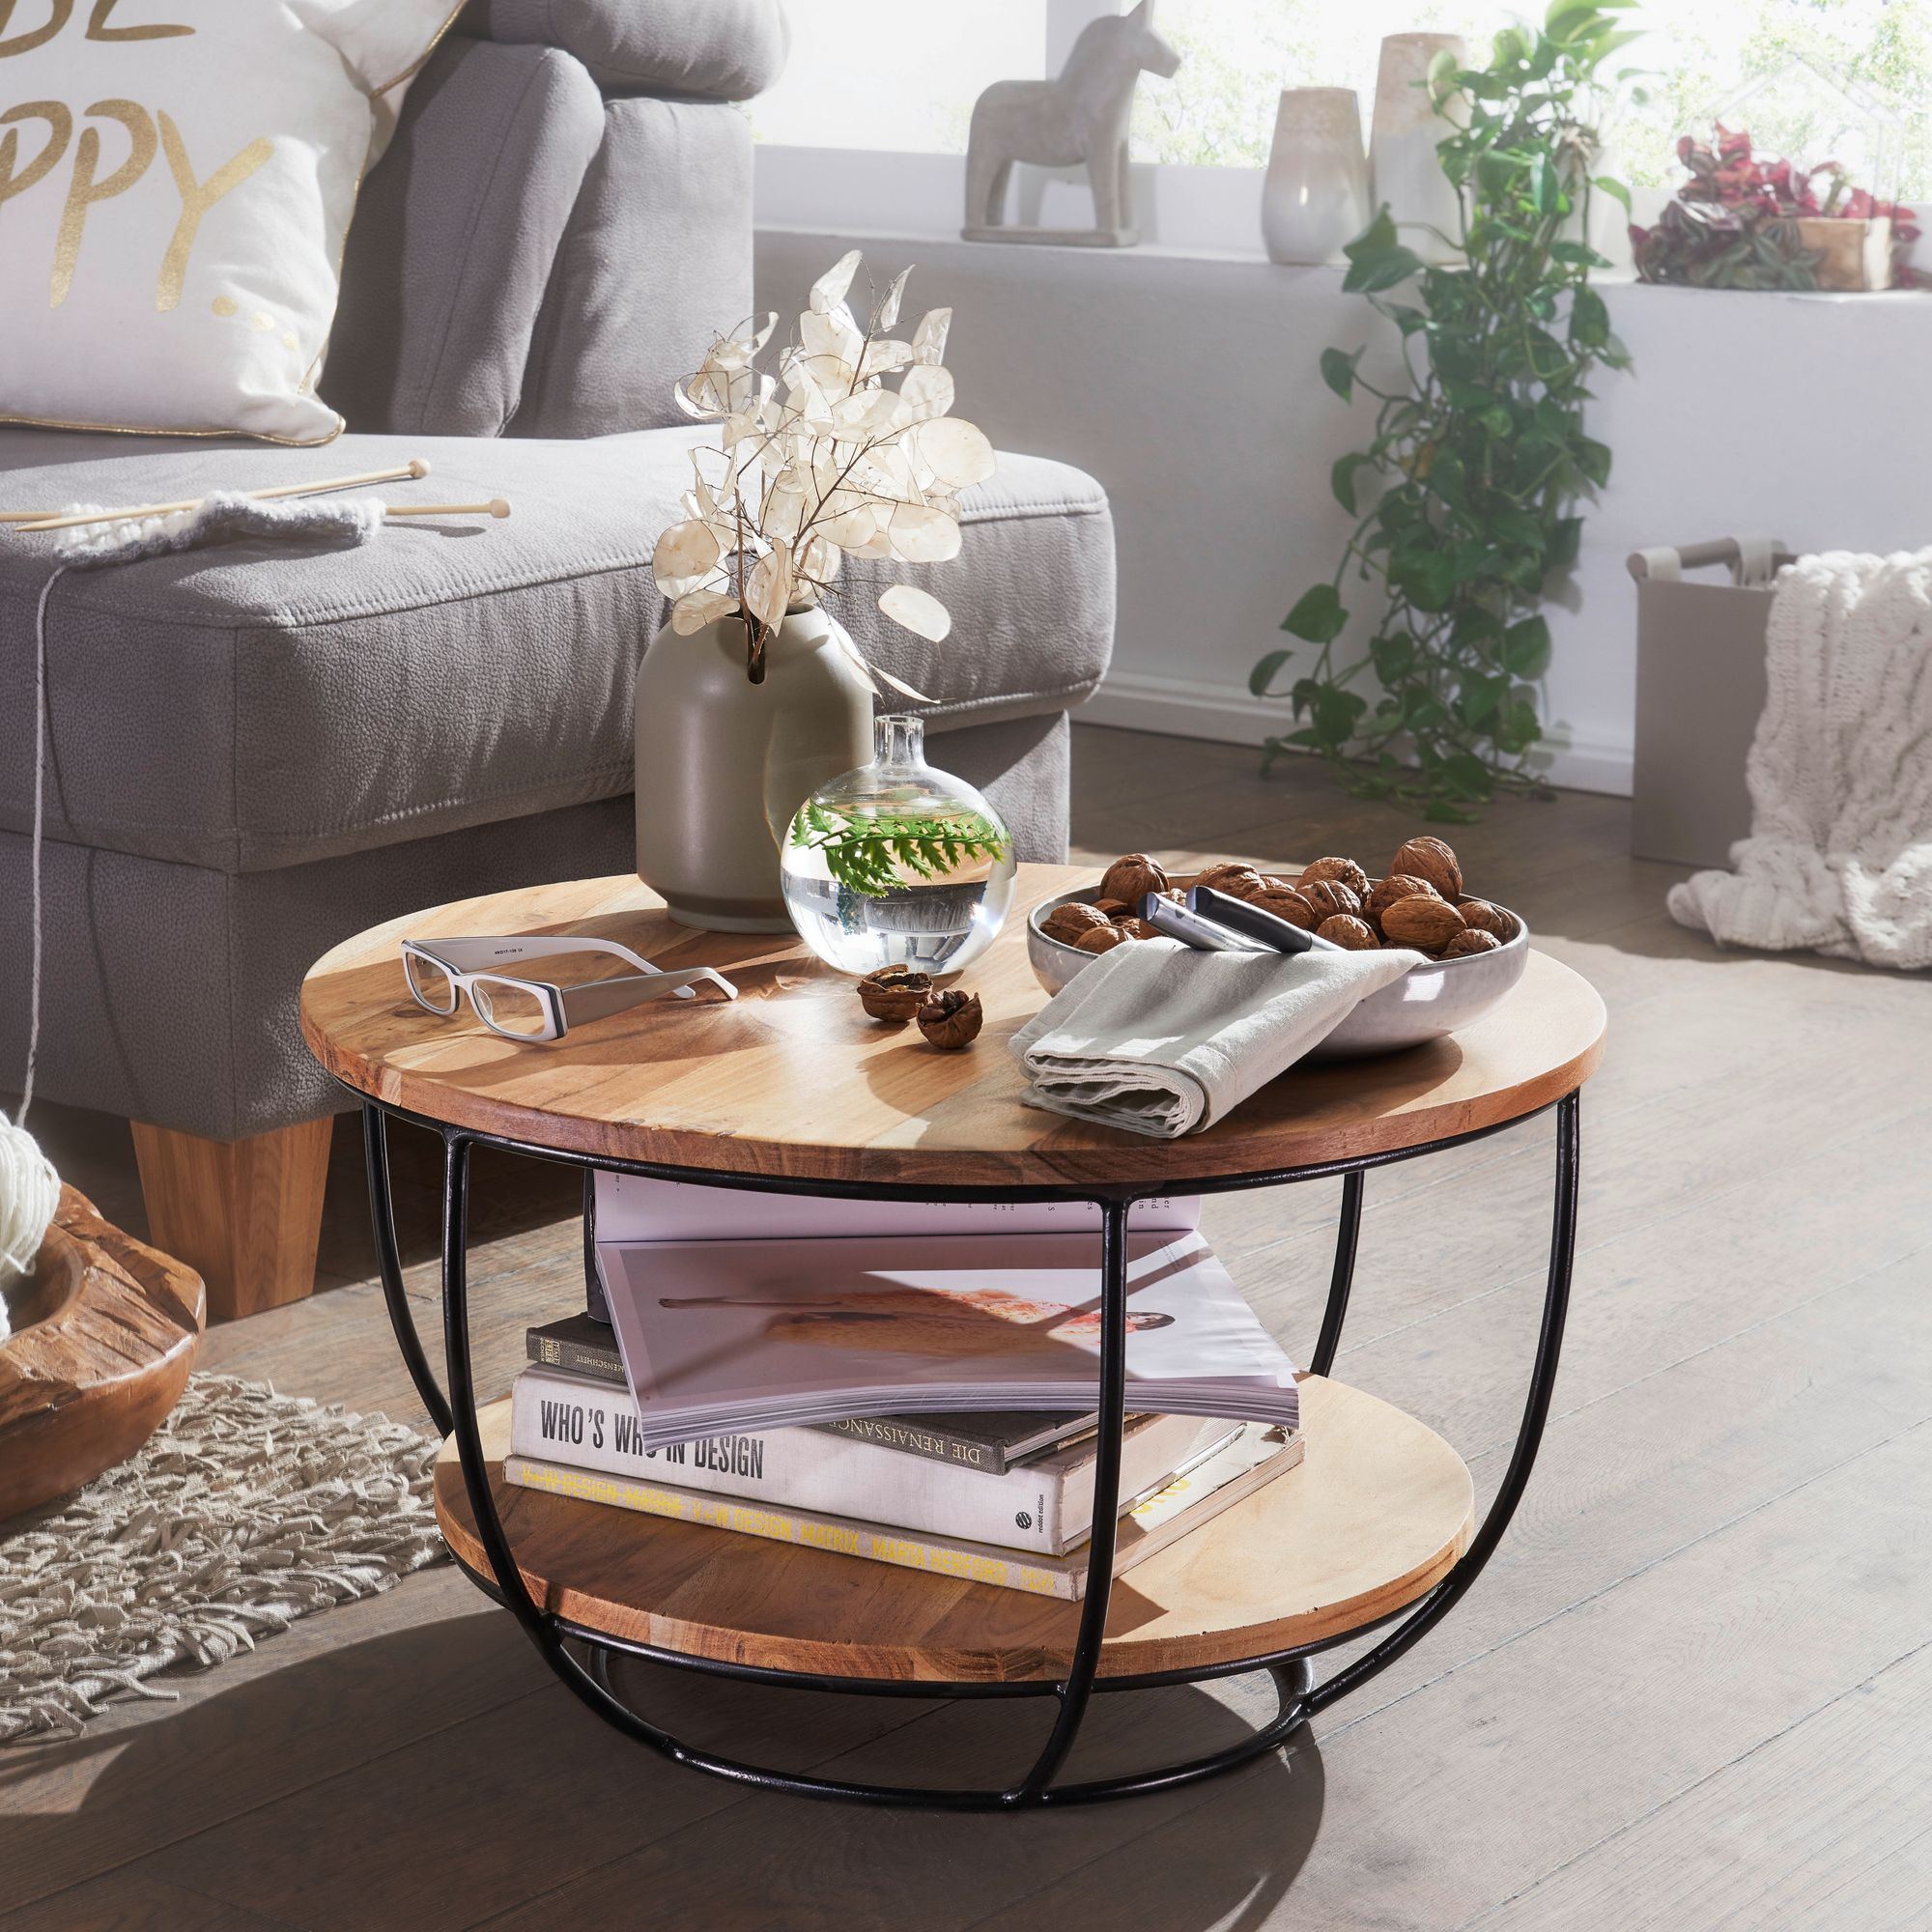 FineBuy Couchtisch 60x34,5x60 cm Akazie Massivholz Metall Sofatisch | Design Wohnzimmertisch Rund | Stubentisch Industrial Braun | Tisch mit Ablage